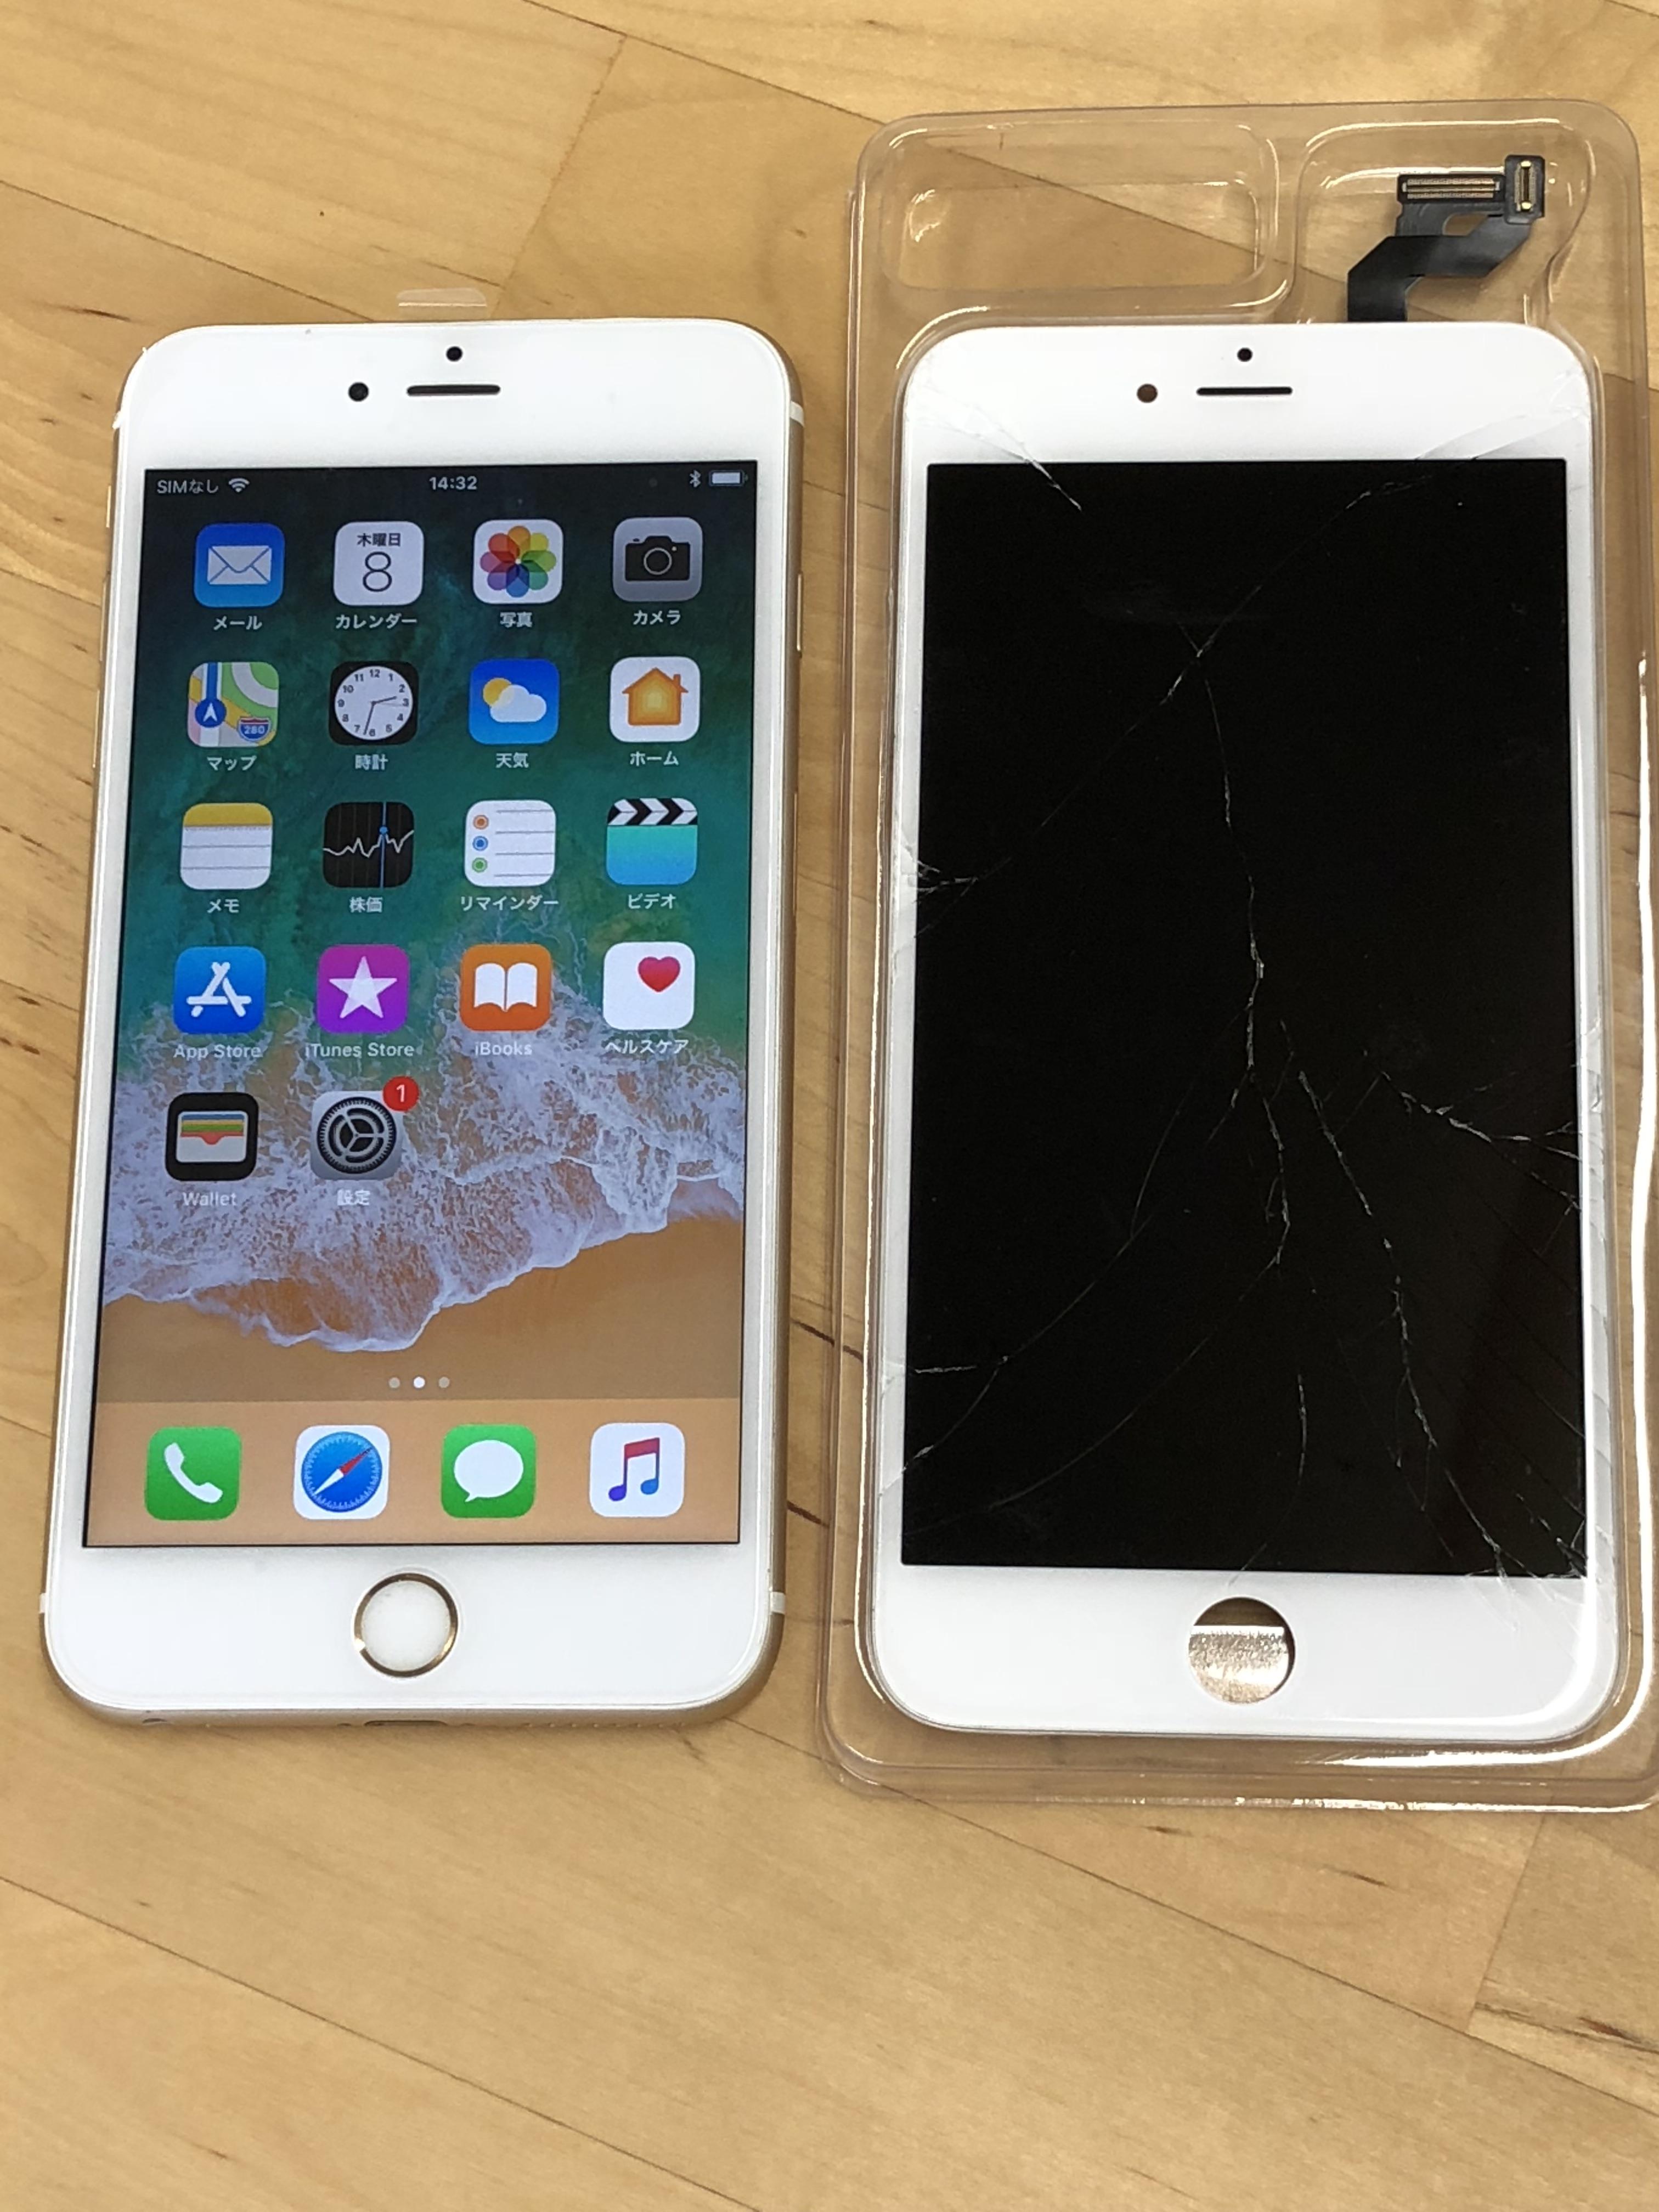 【修理事例:iPhone6sPlus画面割れ】流山市よりiPhone6sPlusの画面修理のご依頼です。画面修理は平均20分程度でお渡し可能です。ガラスが割れたままでのご利用はケガにも繋がりますのでお気をつけください。